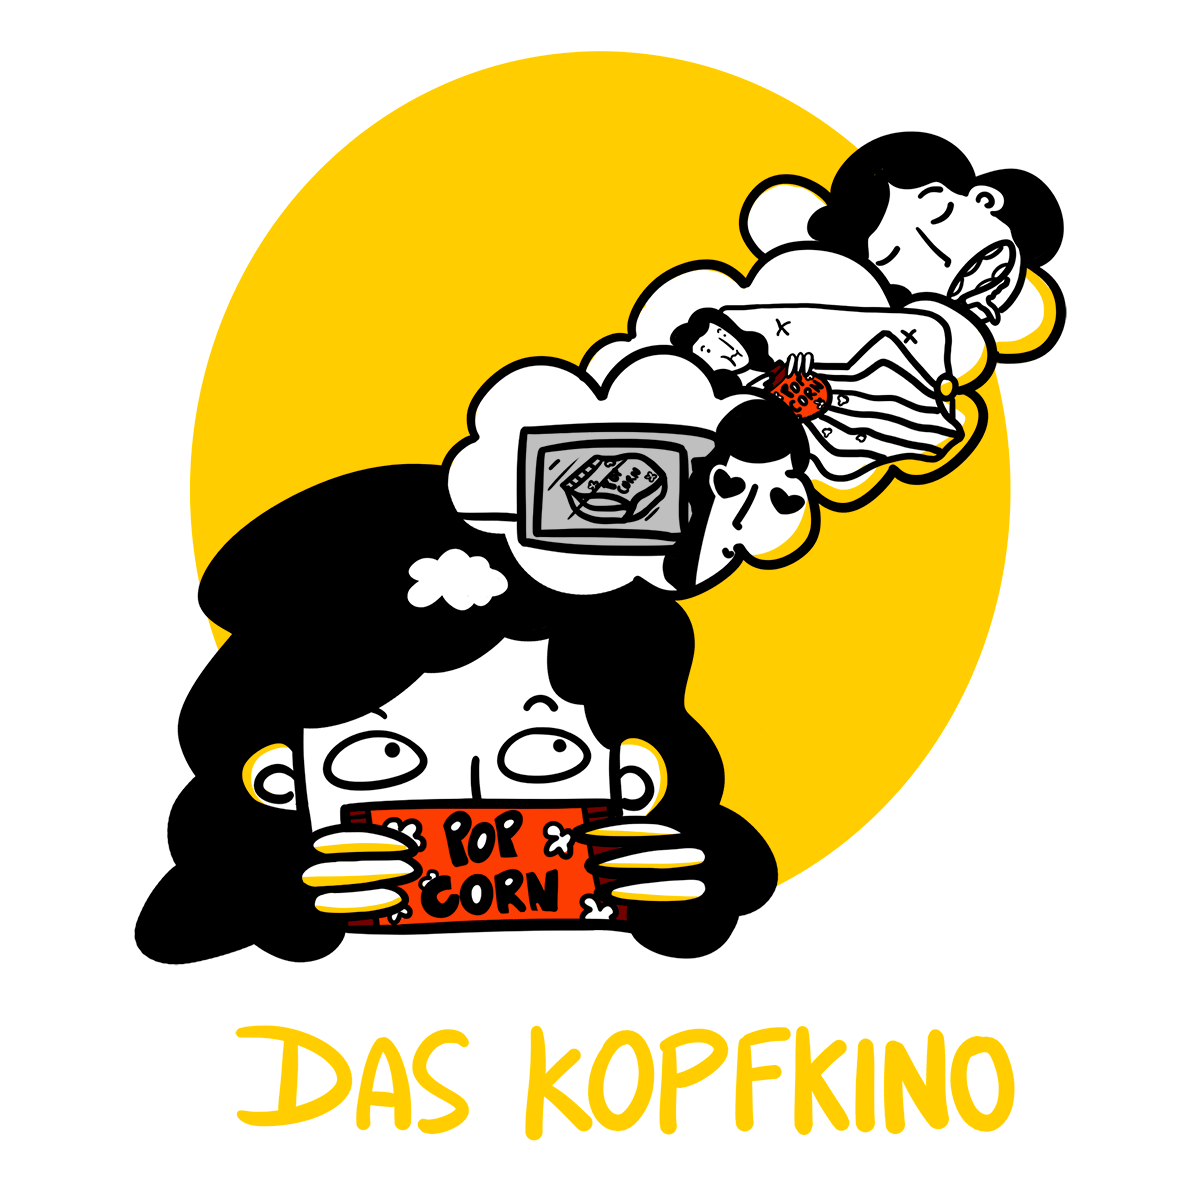 Le Kopfkino est un des mots allemands les plus emblématiques.